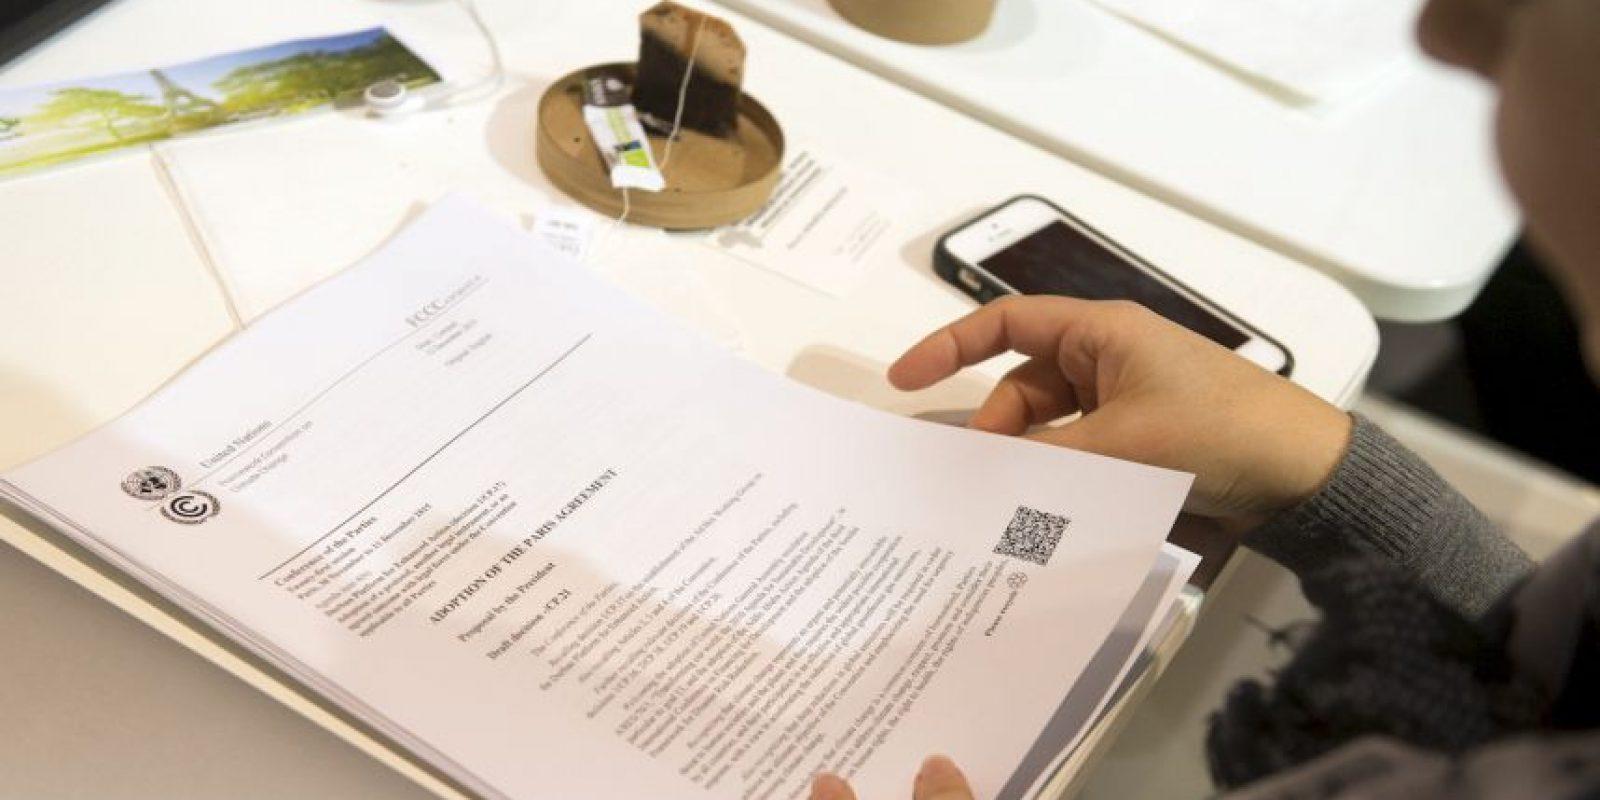 También se indicó que ahora los gobiernos deberán revisar sus objetivos a corto plazo para cumplir con el acuerdo. Foto:AFP